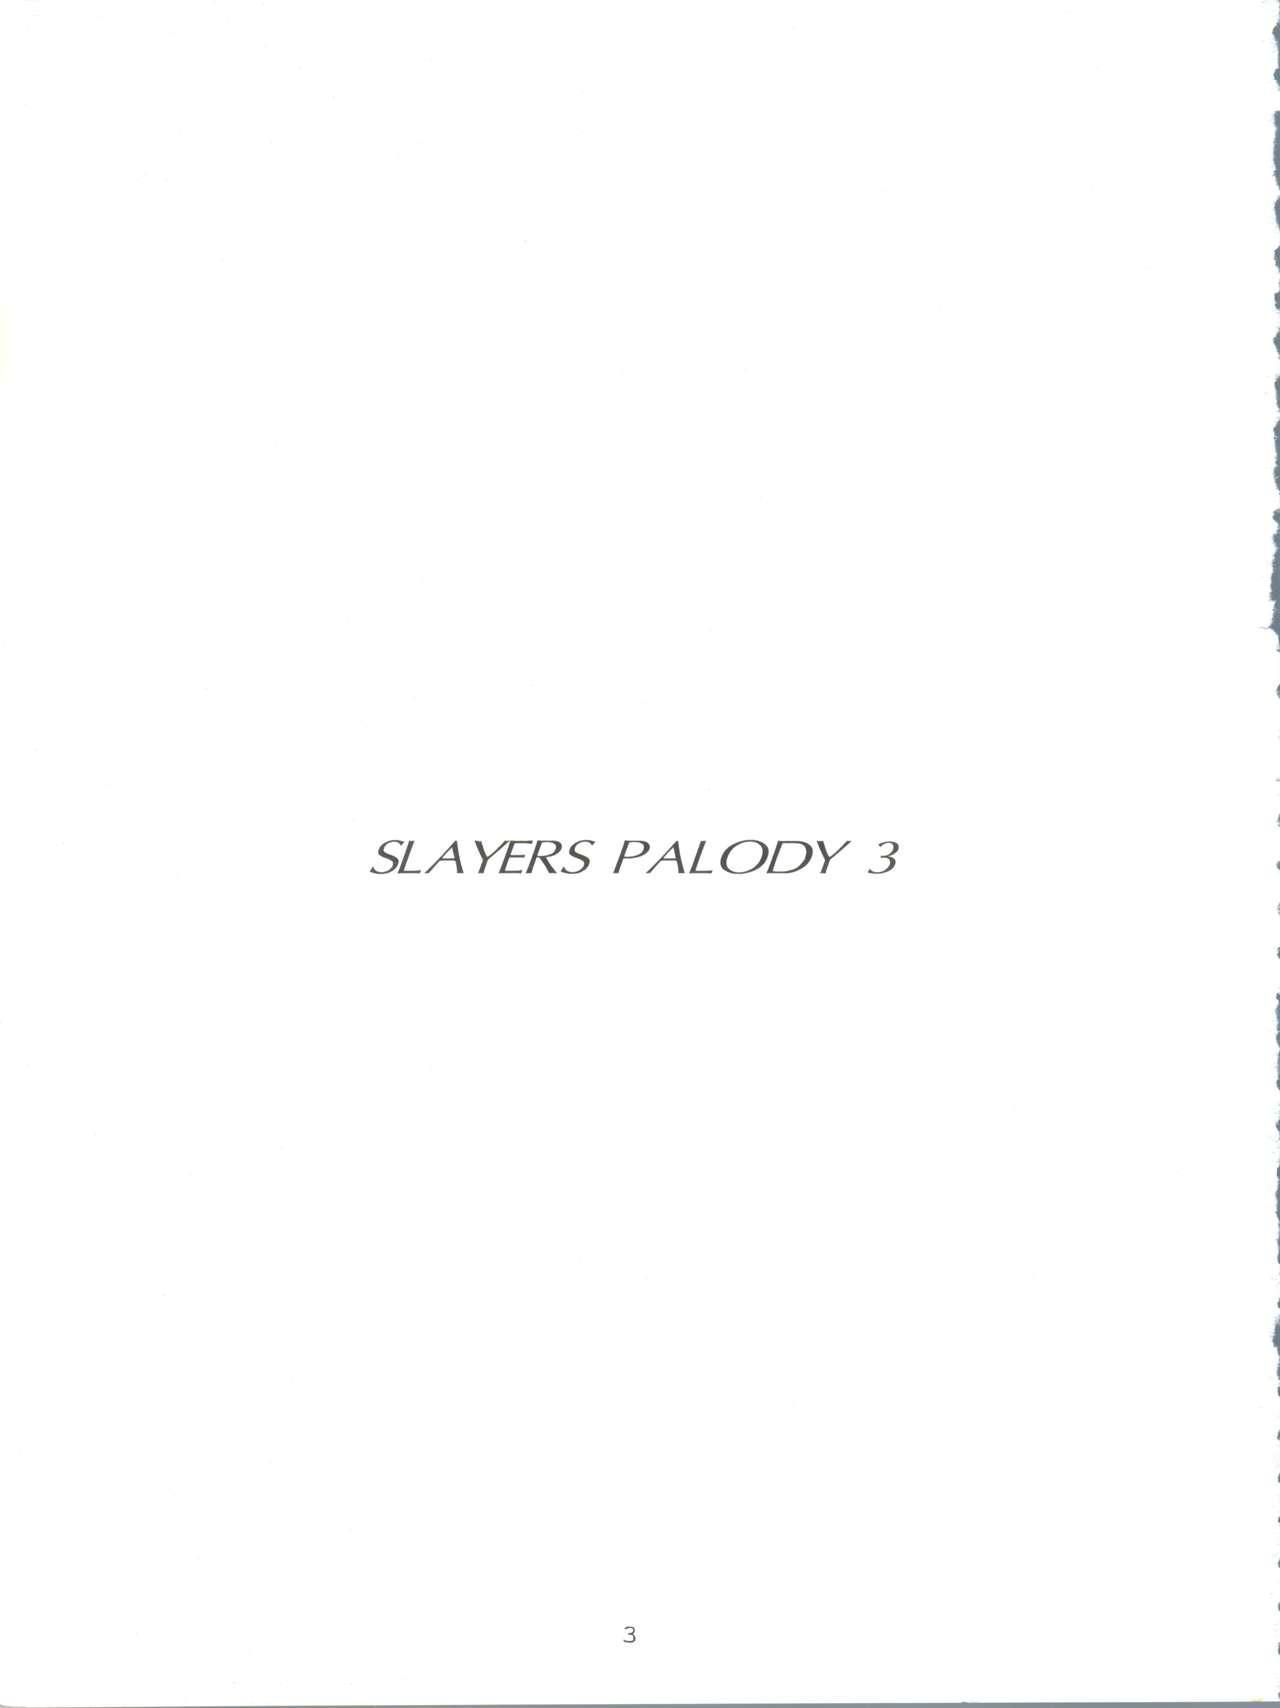 Slayers Parody 3 2